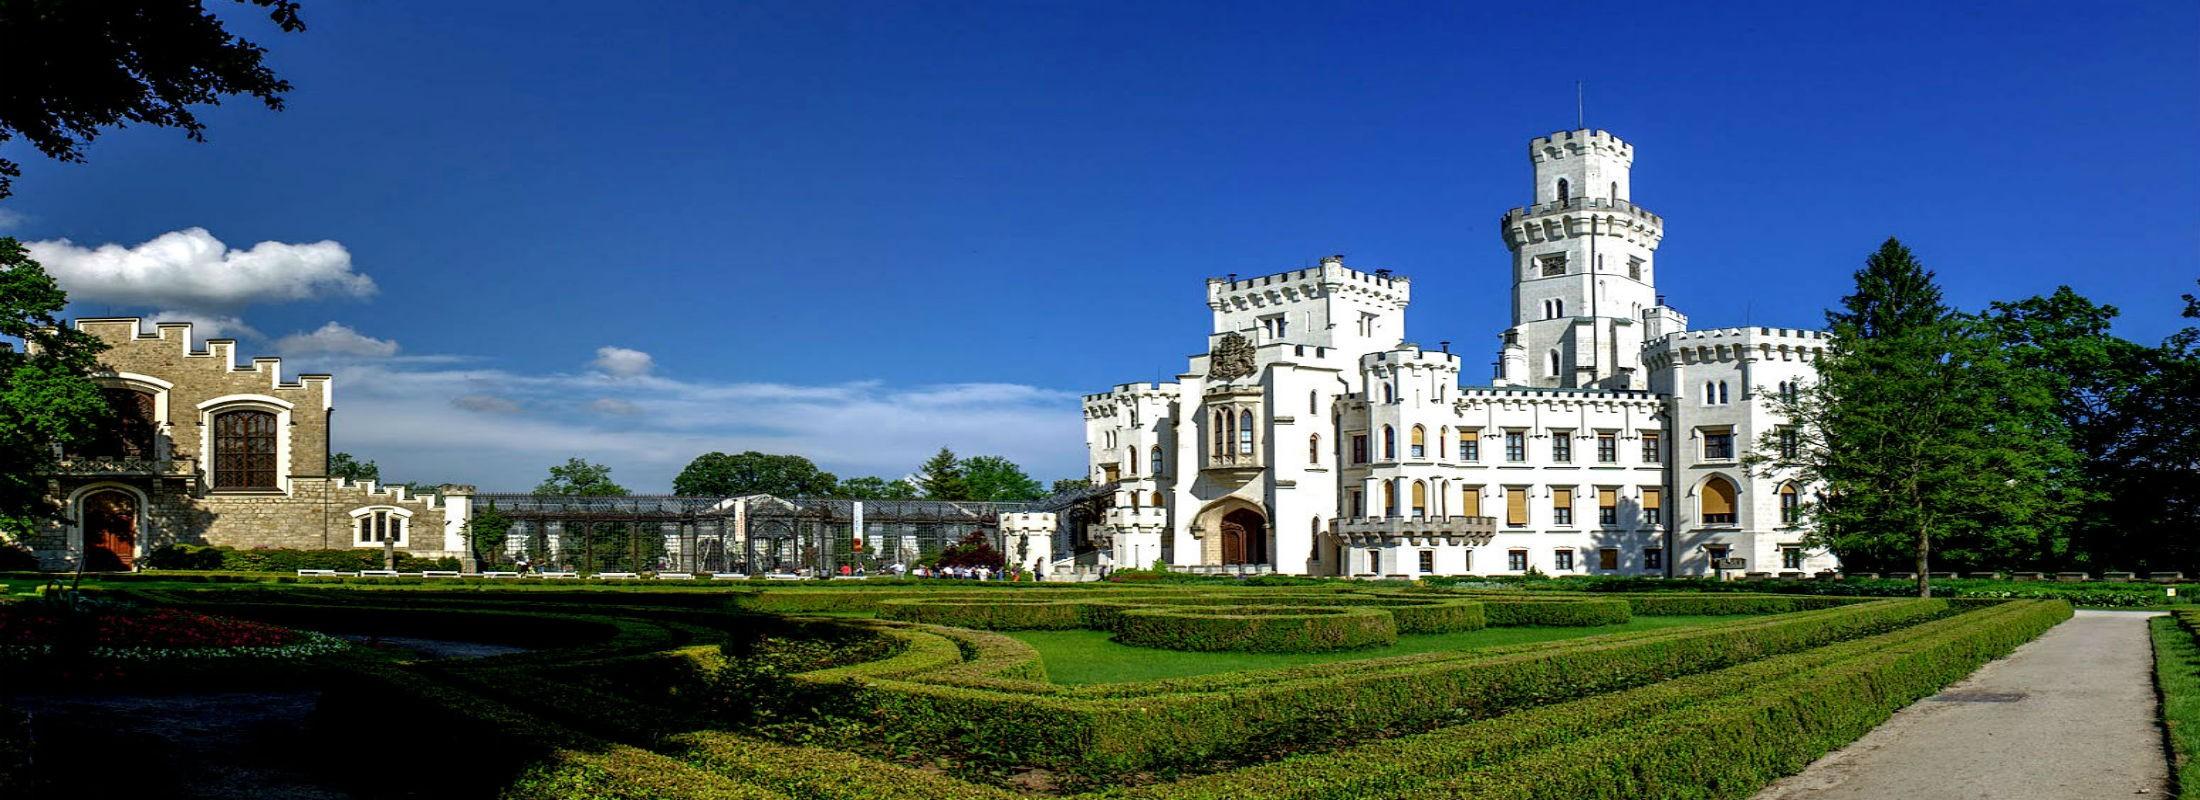 Экскурсия в замок Орлик и Глубока над Влтавой